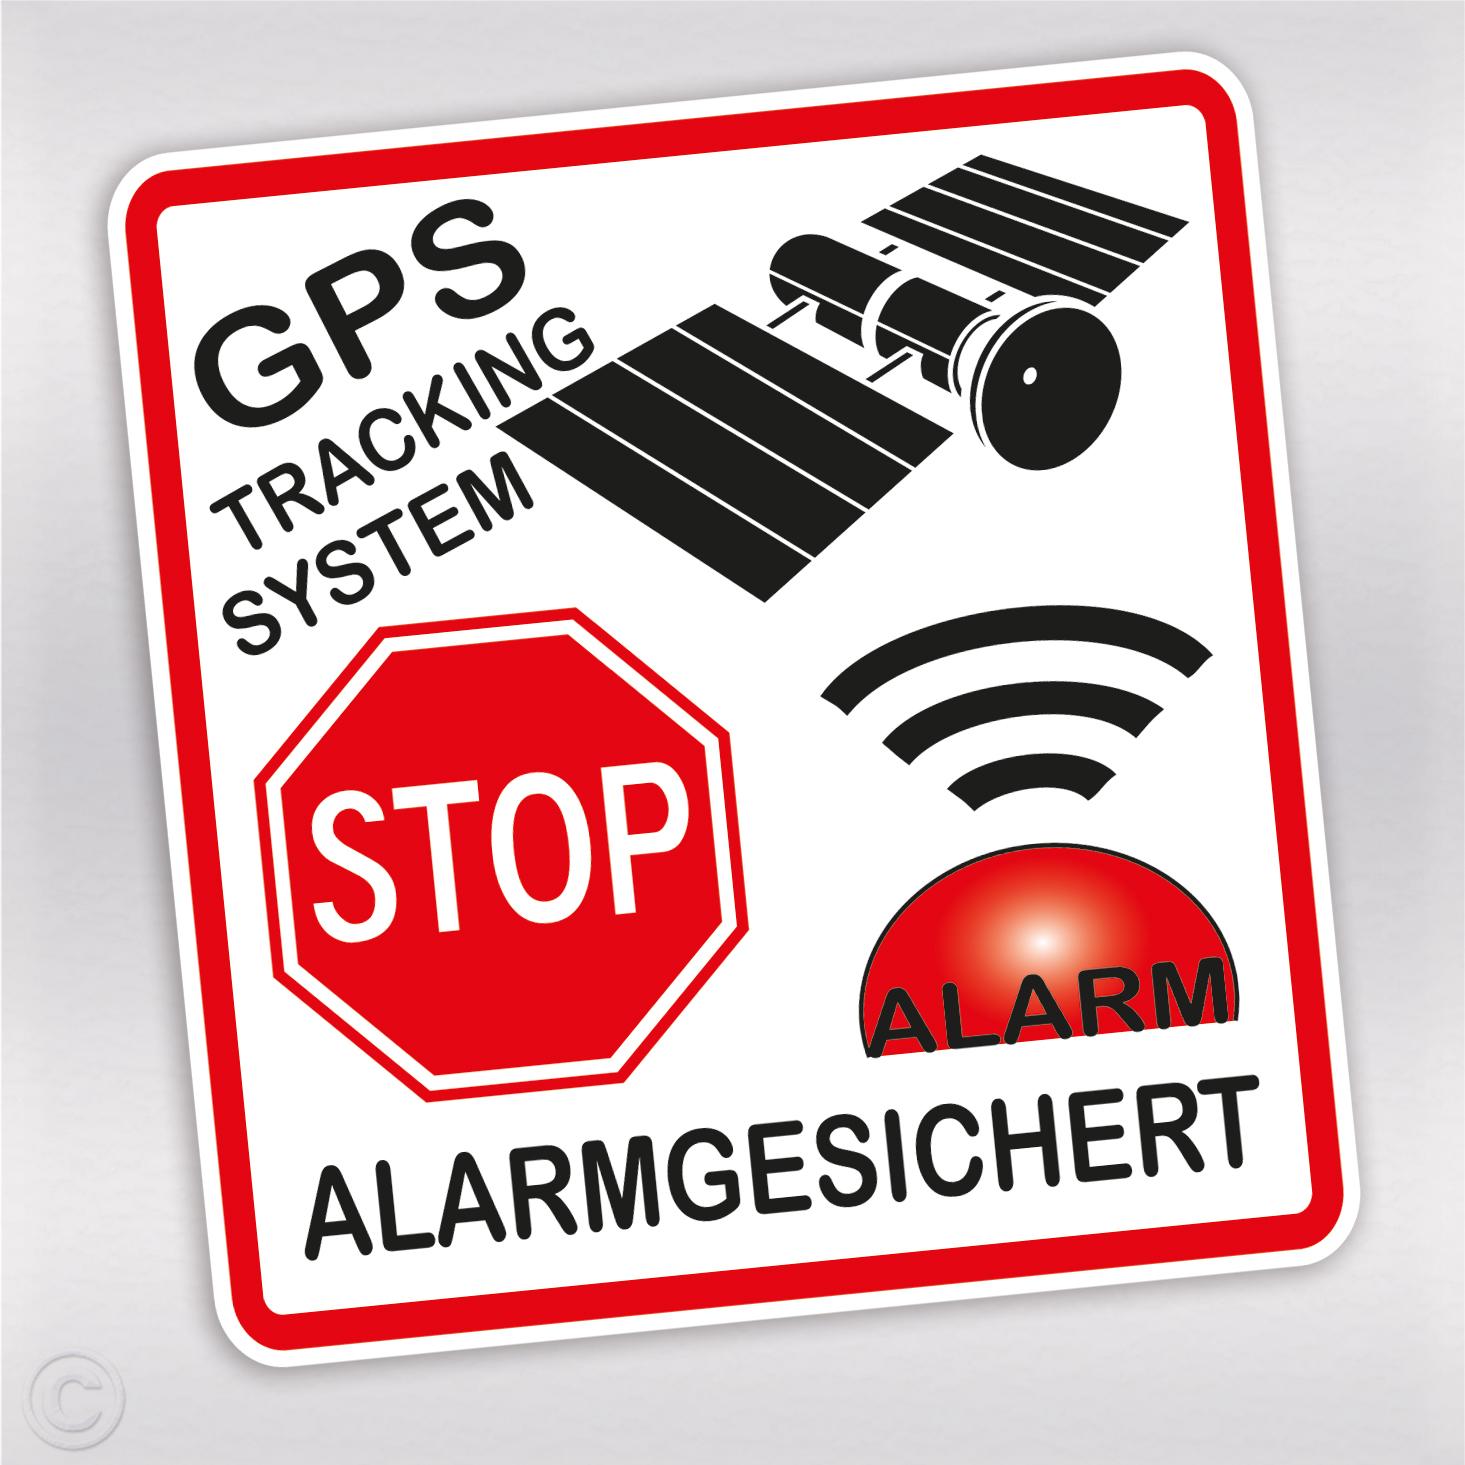 Aufkleber Alarmanlage Mit Gps Tracking Und Stop Schild Für